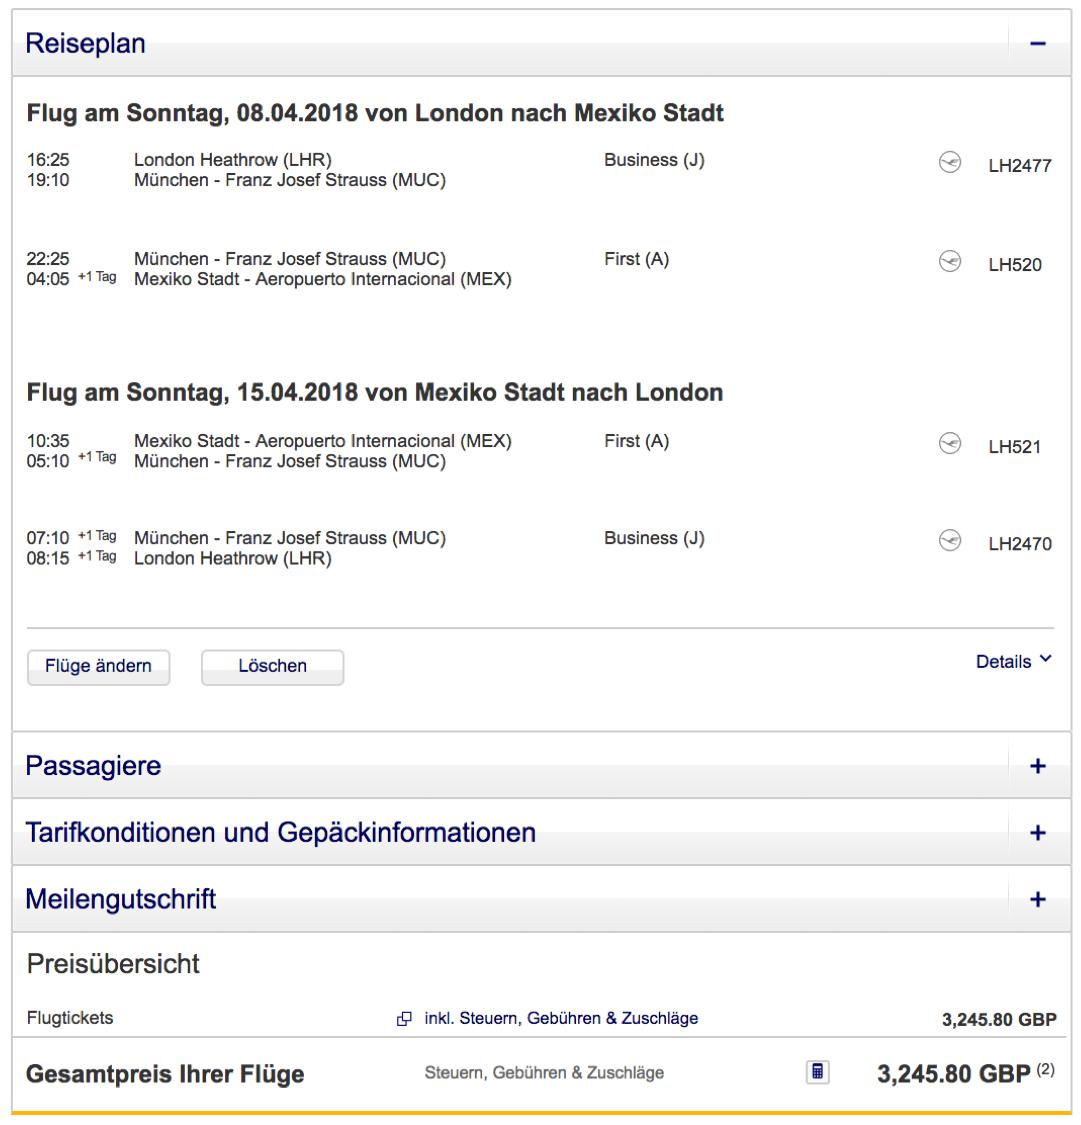 Günstig Lufthansa First Class fliegen